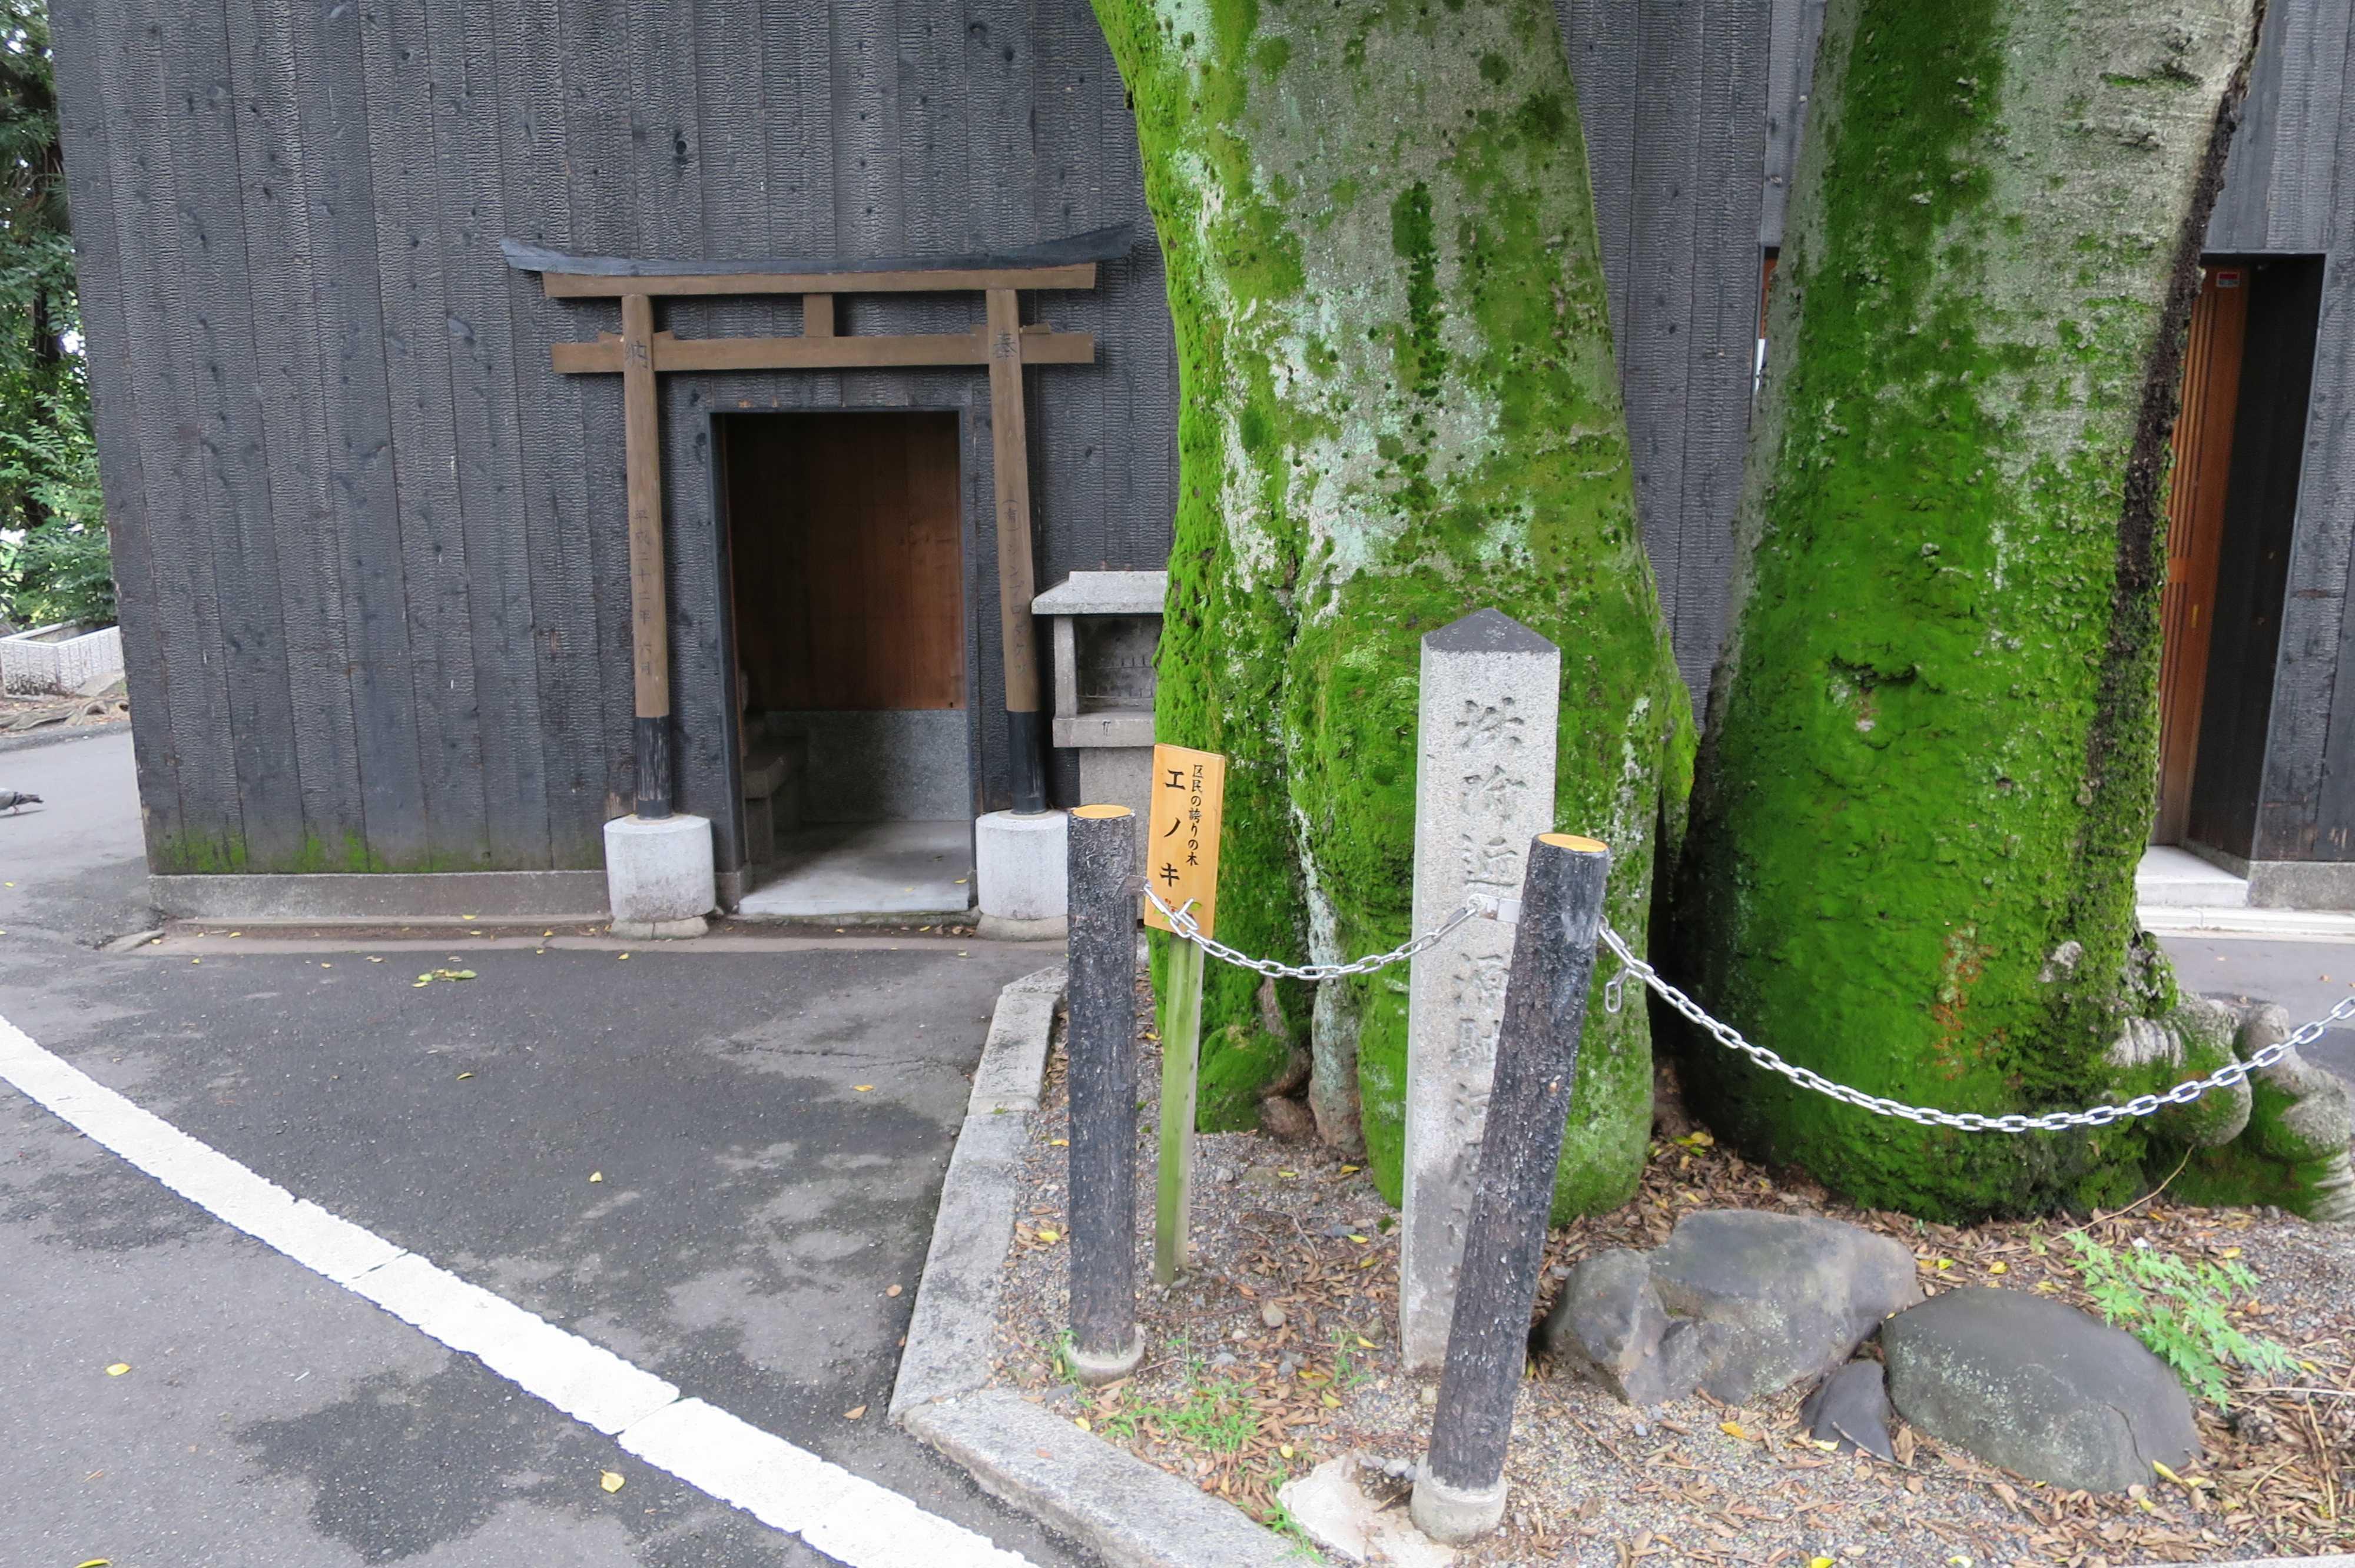 京都・五条 - 苔むす源融の木(エノキ)